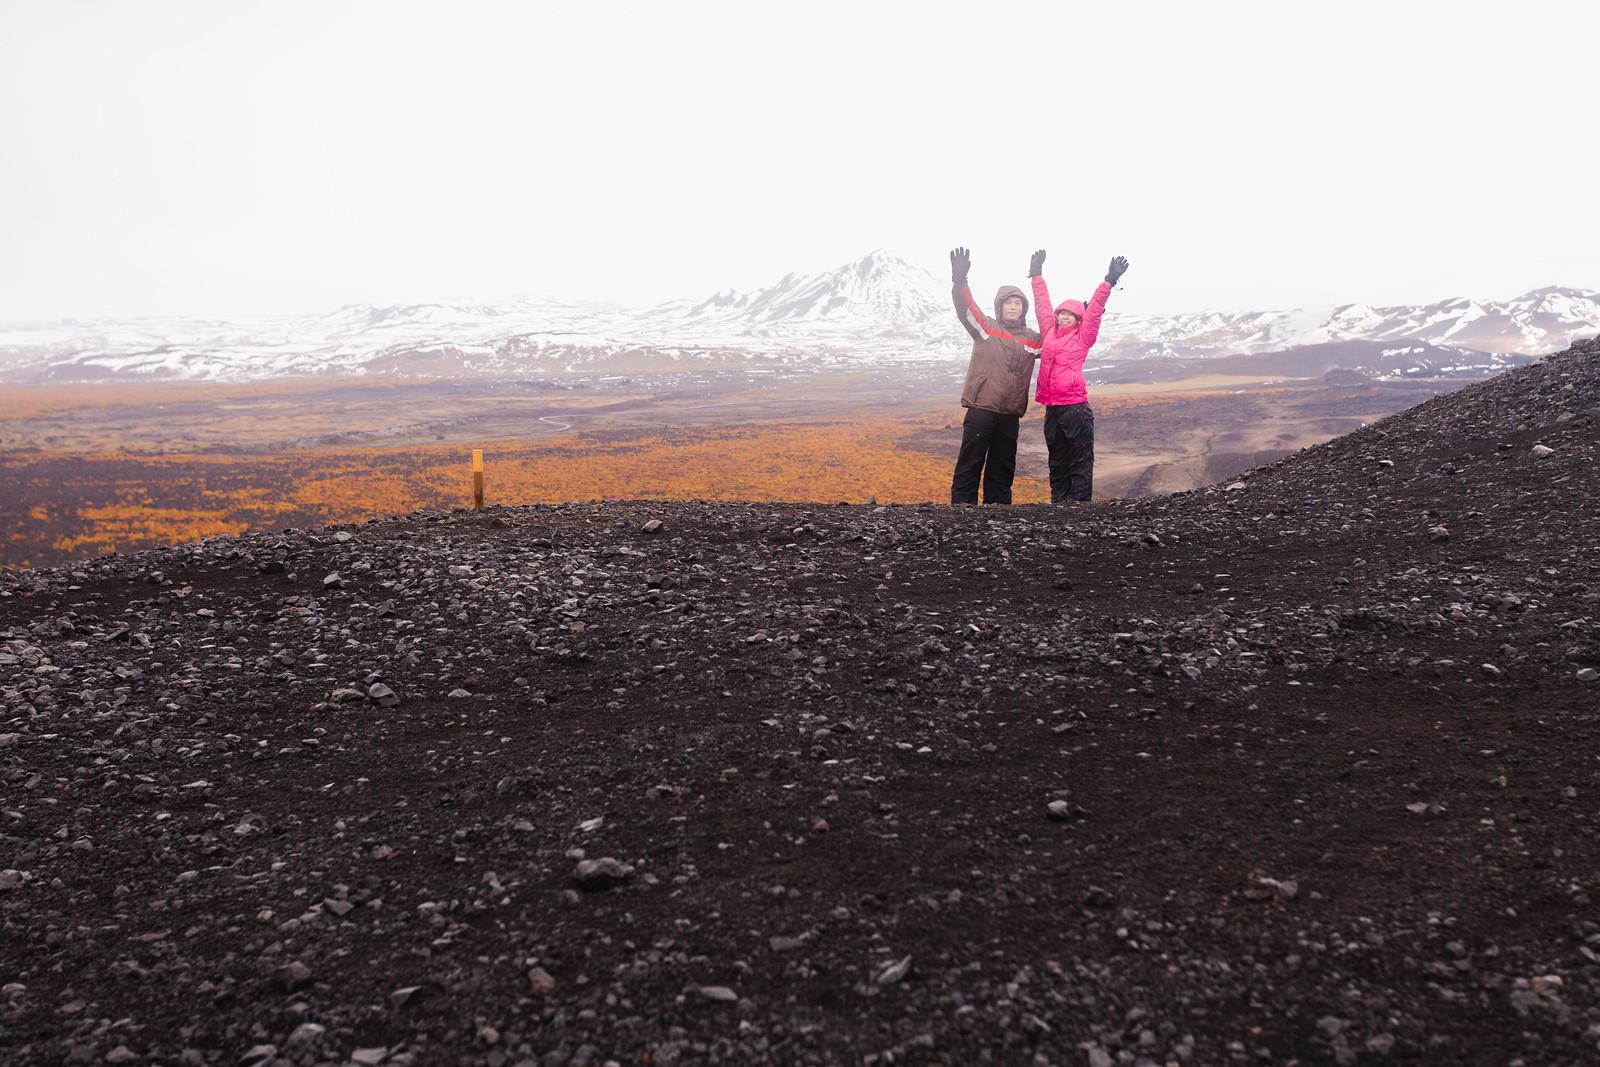 【北歐自助旅行】Day 7(克拉夫拉火山、黛提瀑布、惠爾火山、米湖溫泉)